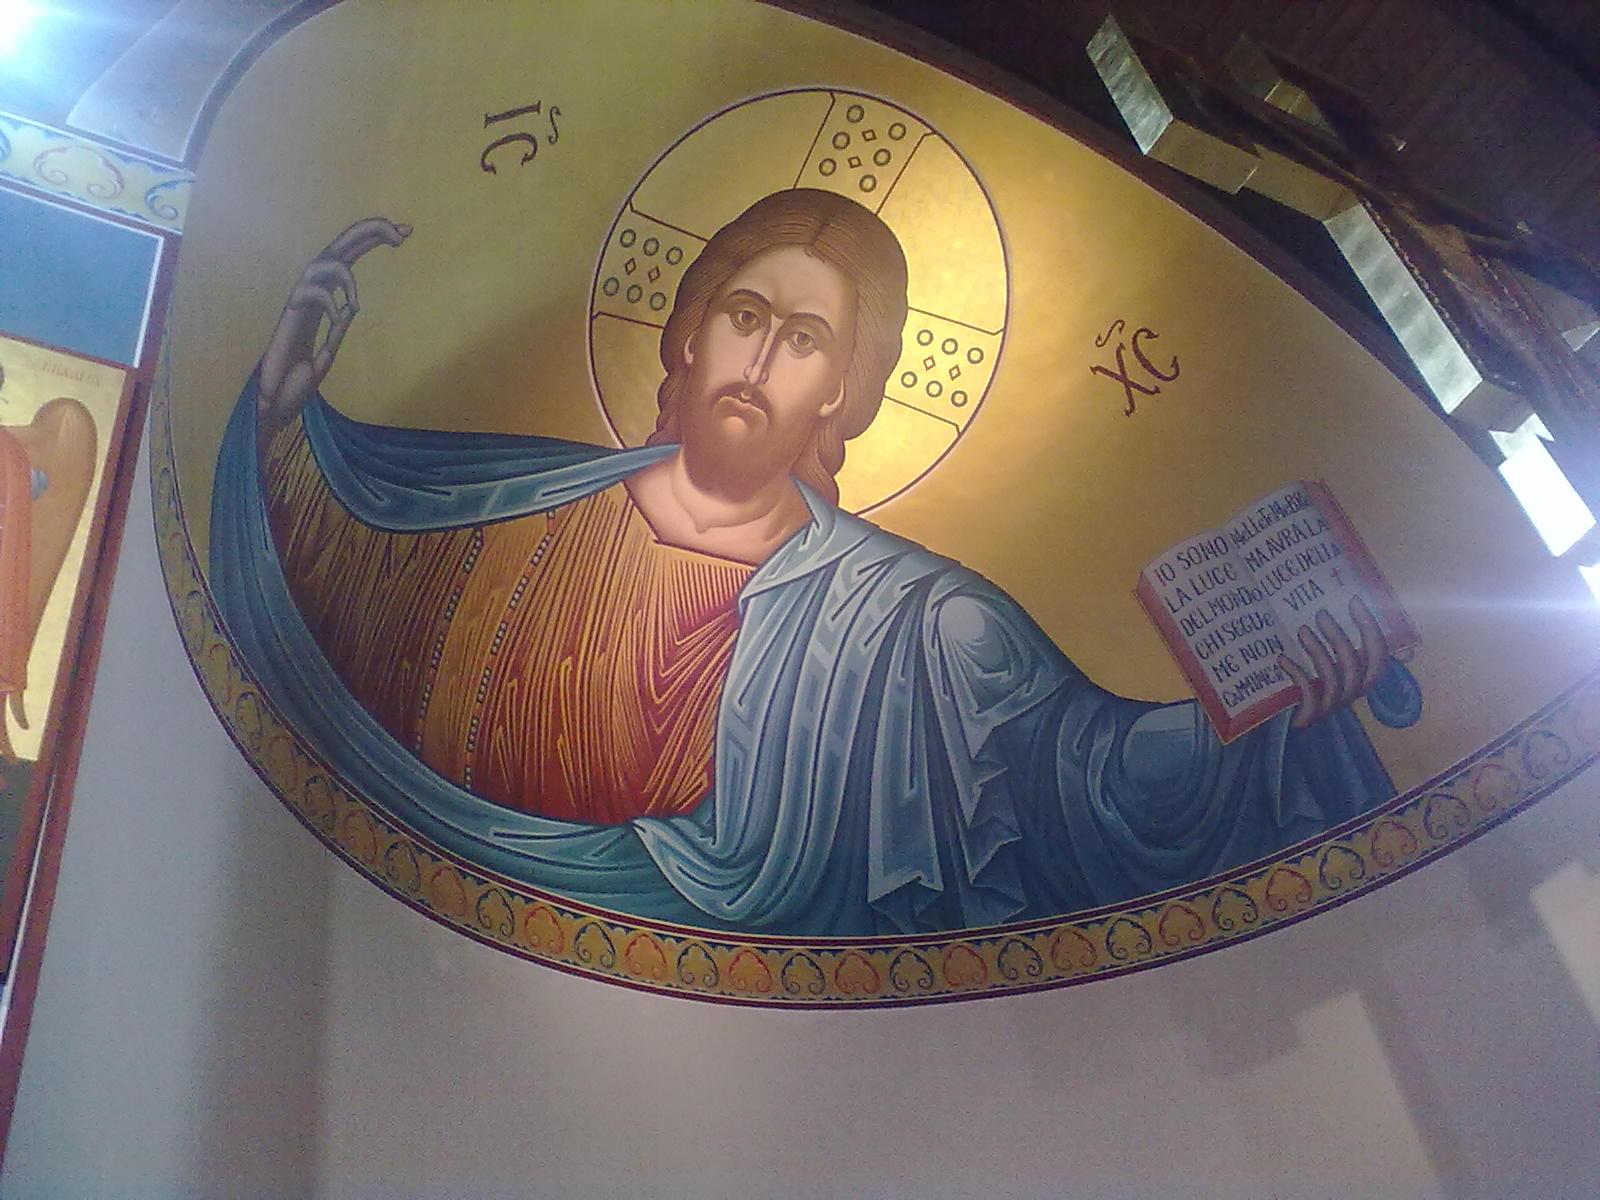 Cristo pantocratore , Brindisi- FOTO DI COSIMO DE MATTEIS